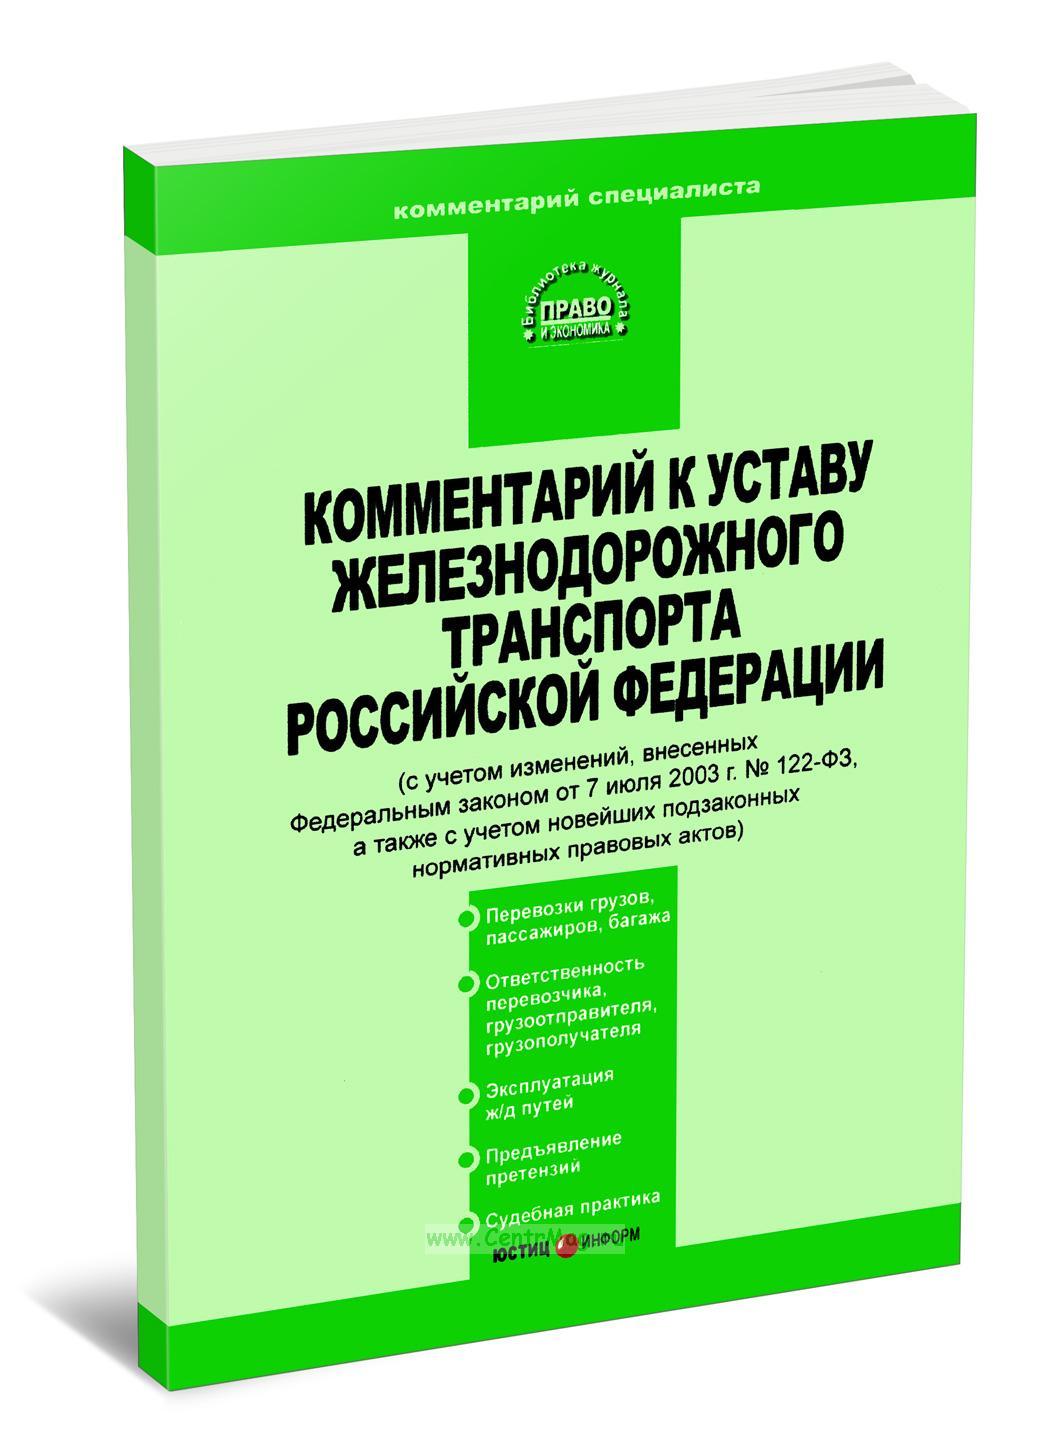 Комментарий к Уставу железнодорожного транспорта Российской Федерации (с учетом изменений, внесенных Федеральным законом от 7 июля 2003 г. № 122-ФЗ, а также с учетом новейших подзаконных нормативных правовых актов, 4-е издание, переработанное и дополненное)